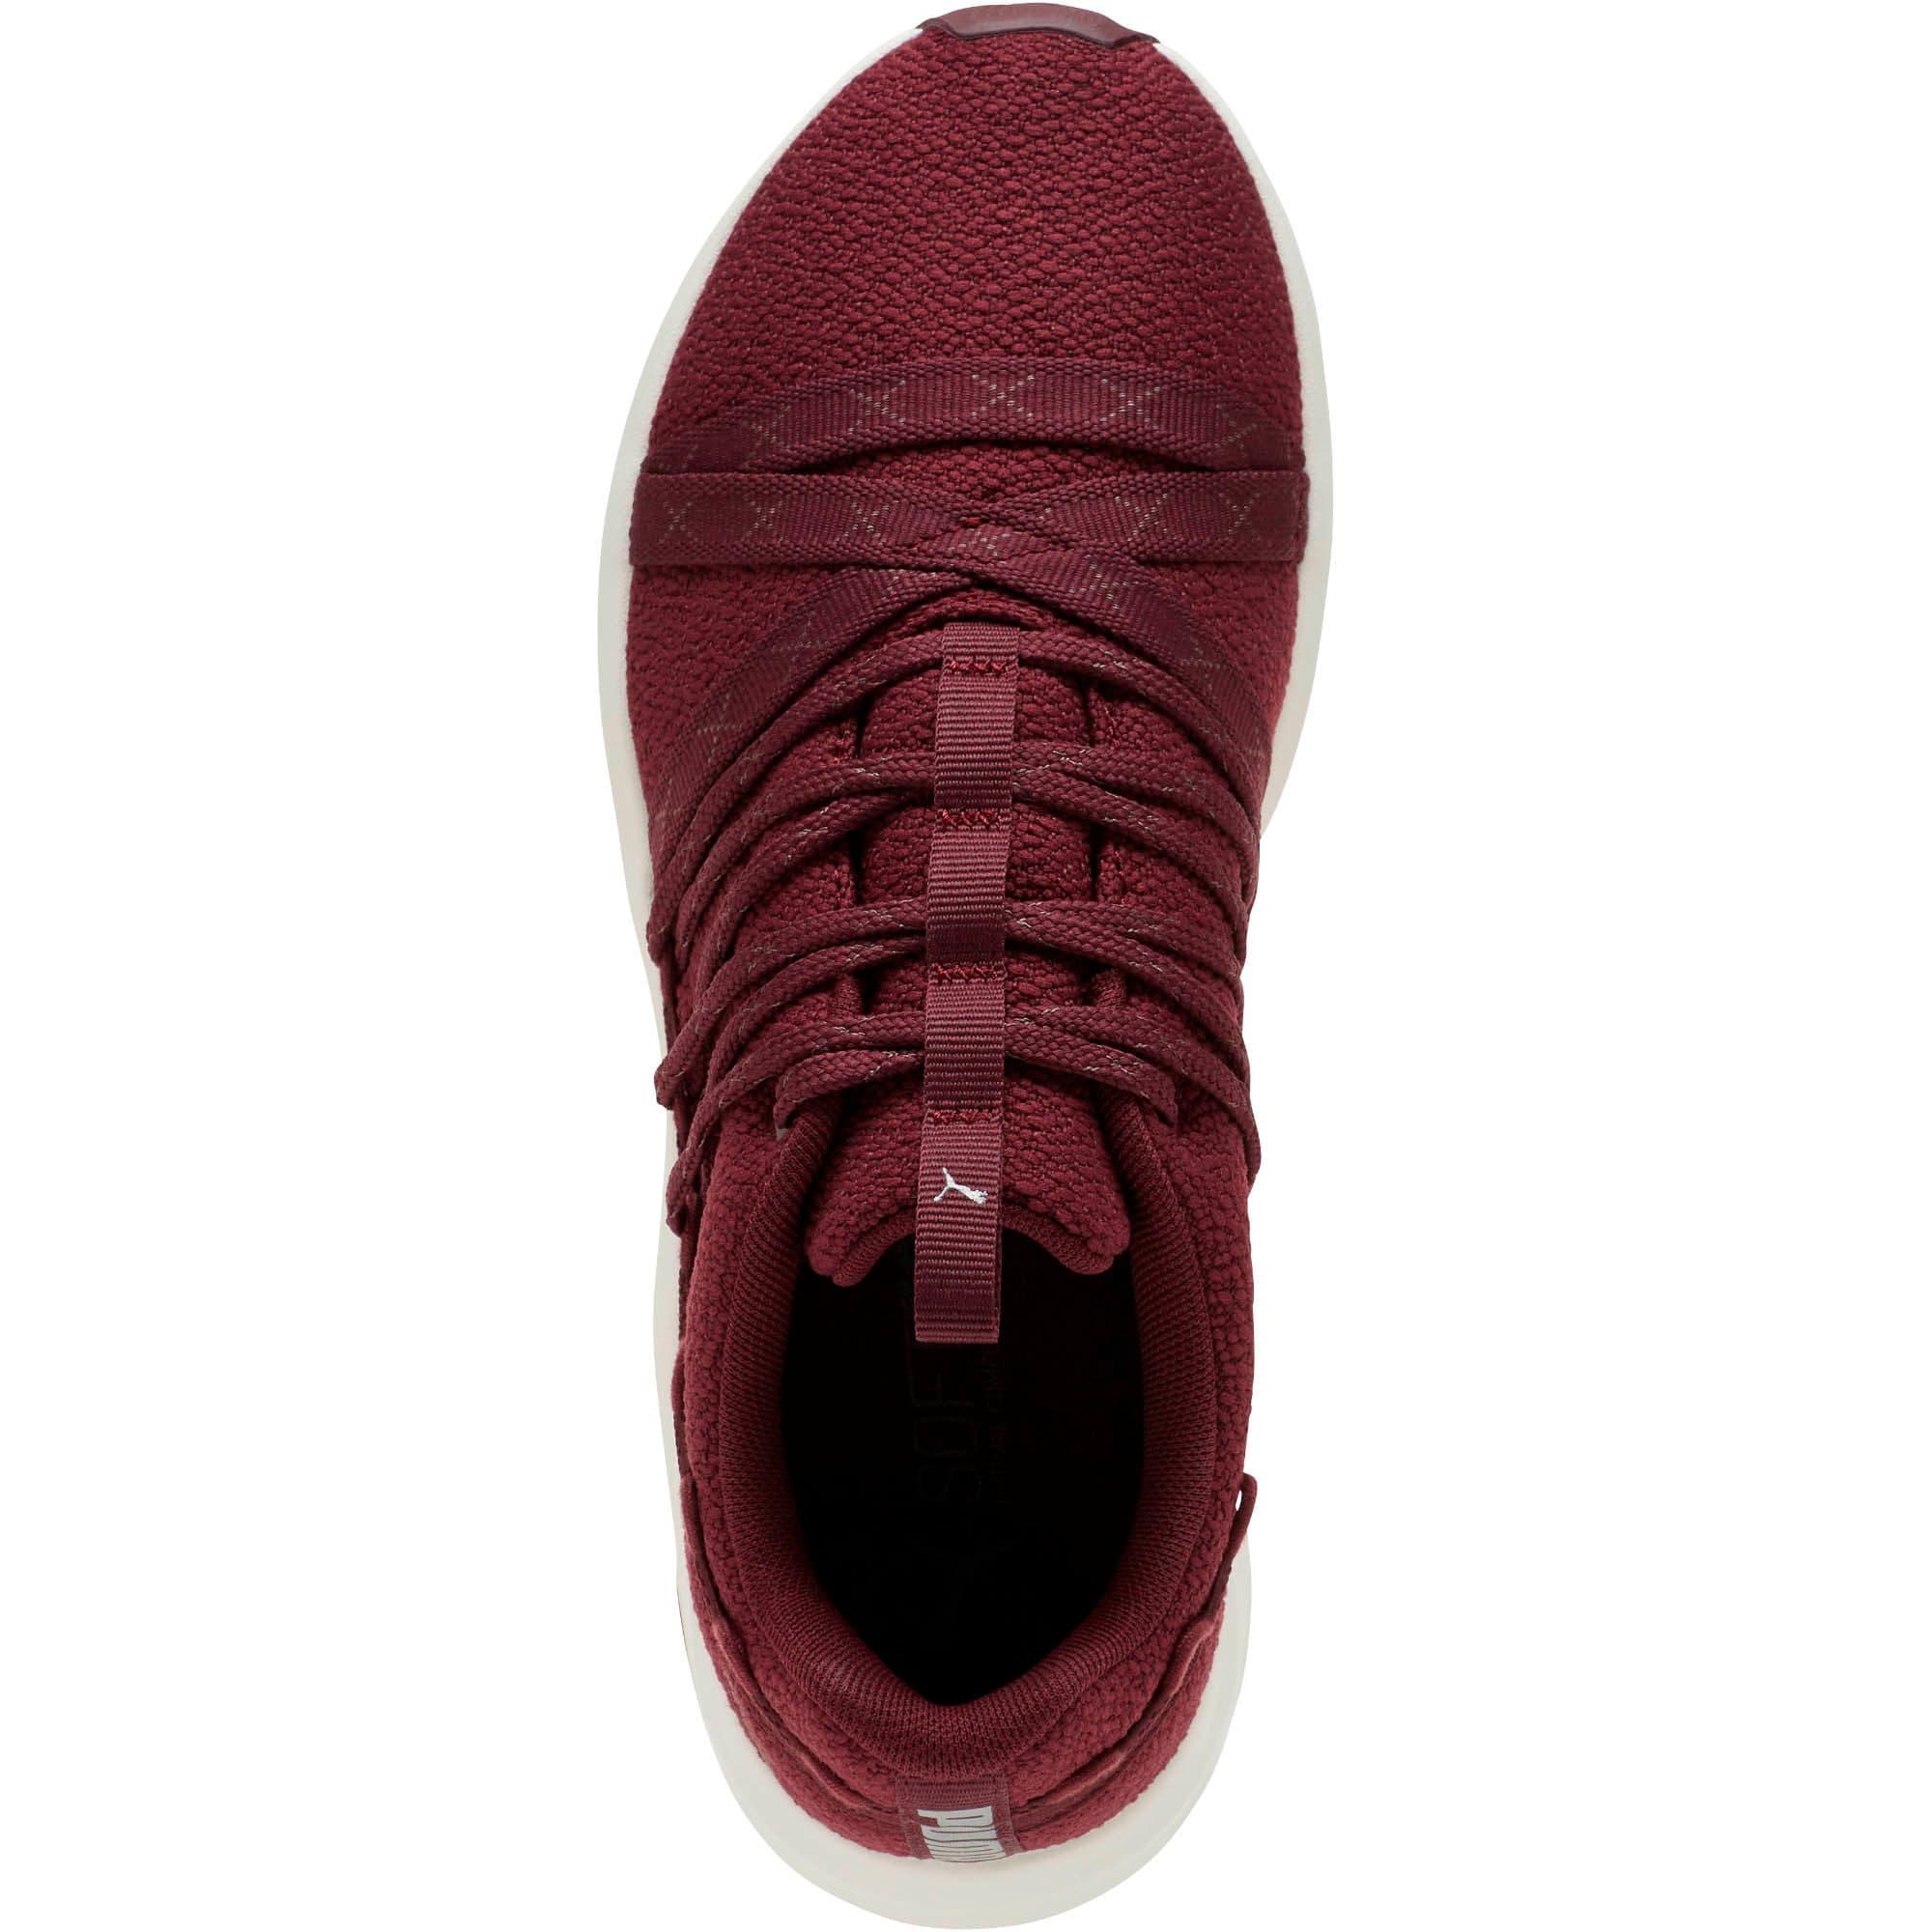 Thumbnail 5 of Prowl Alt 2 LX Women's Training Shoes, Fig-Whisper White, medium